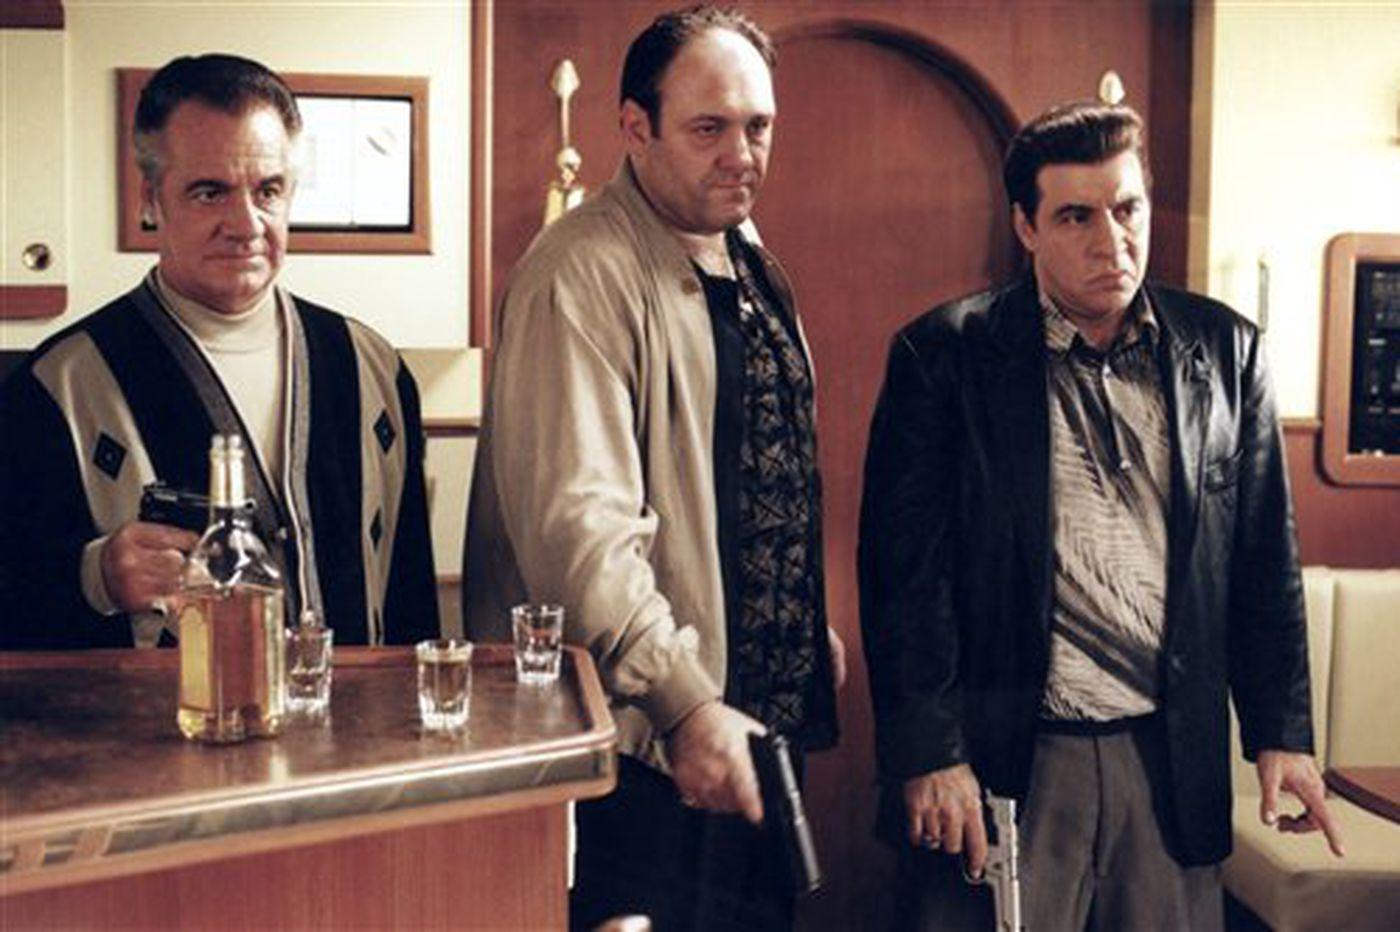 Sopranos finale: Unfuggeddable?